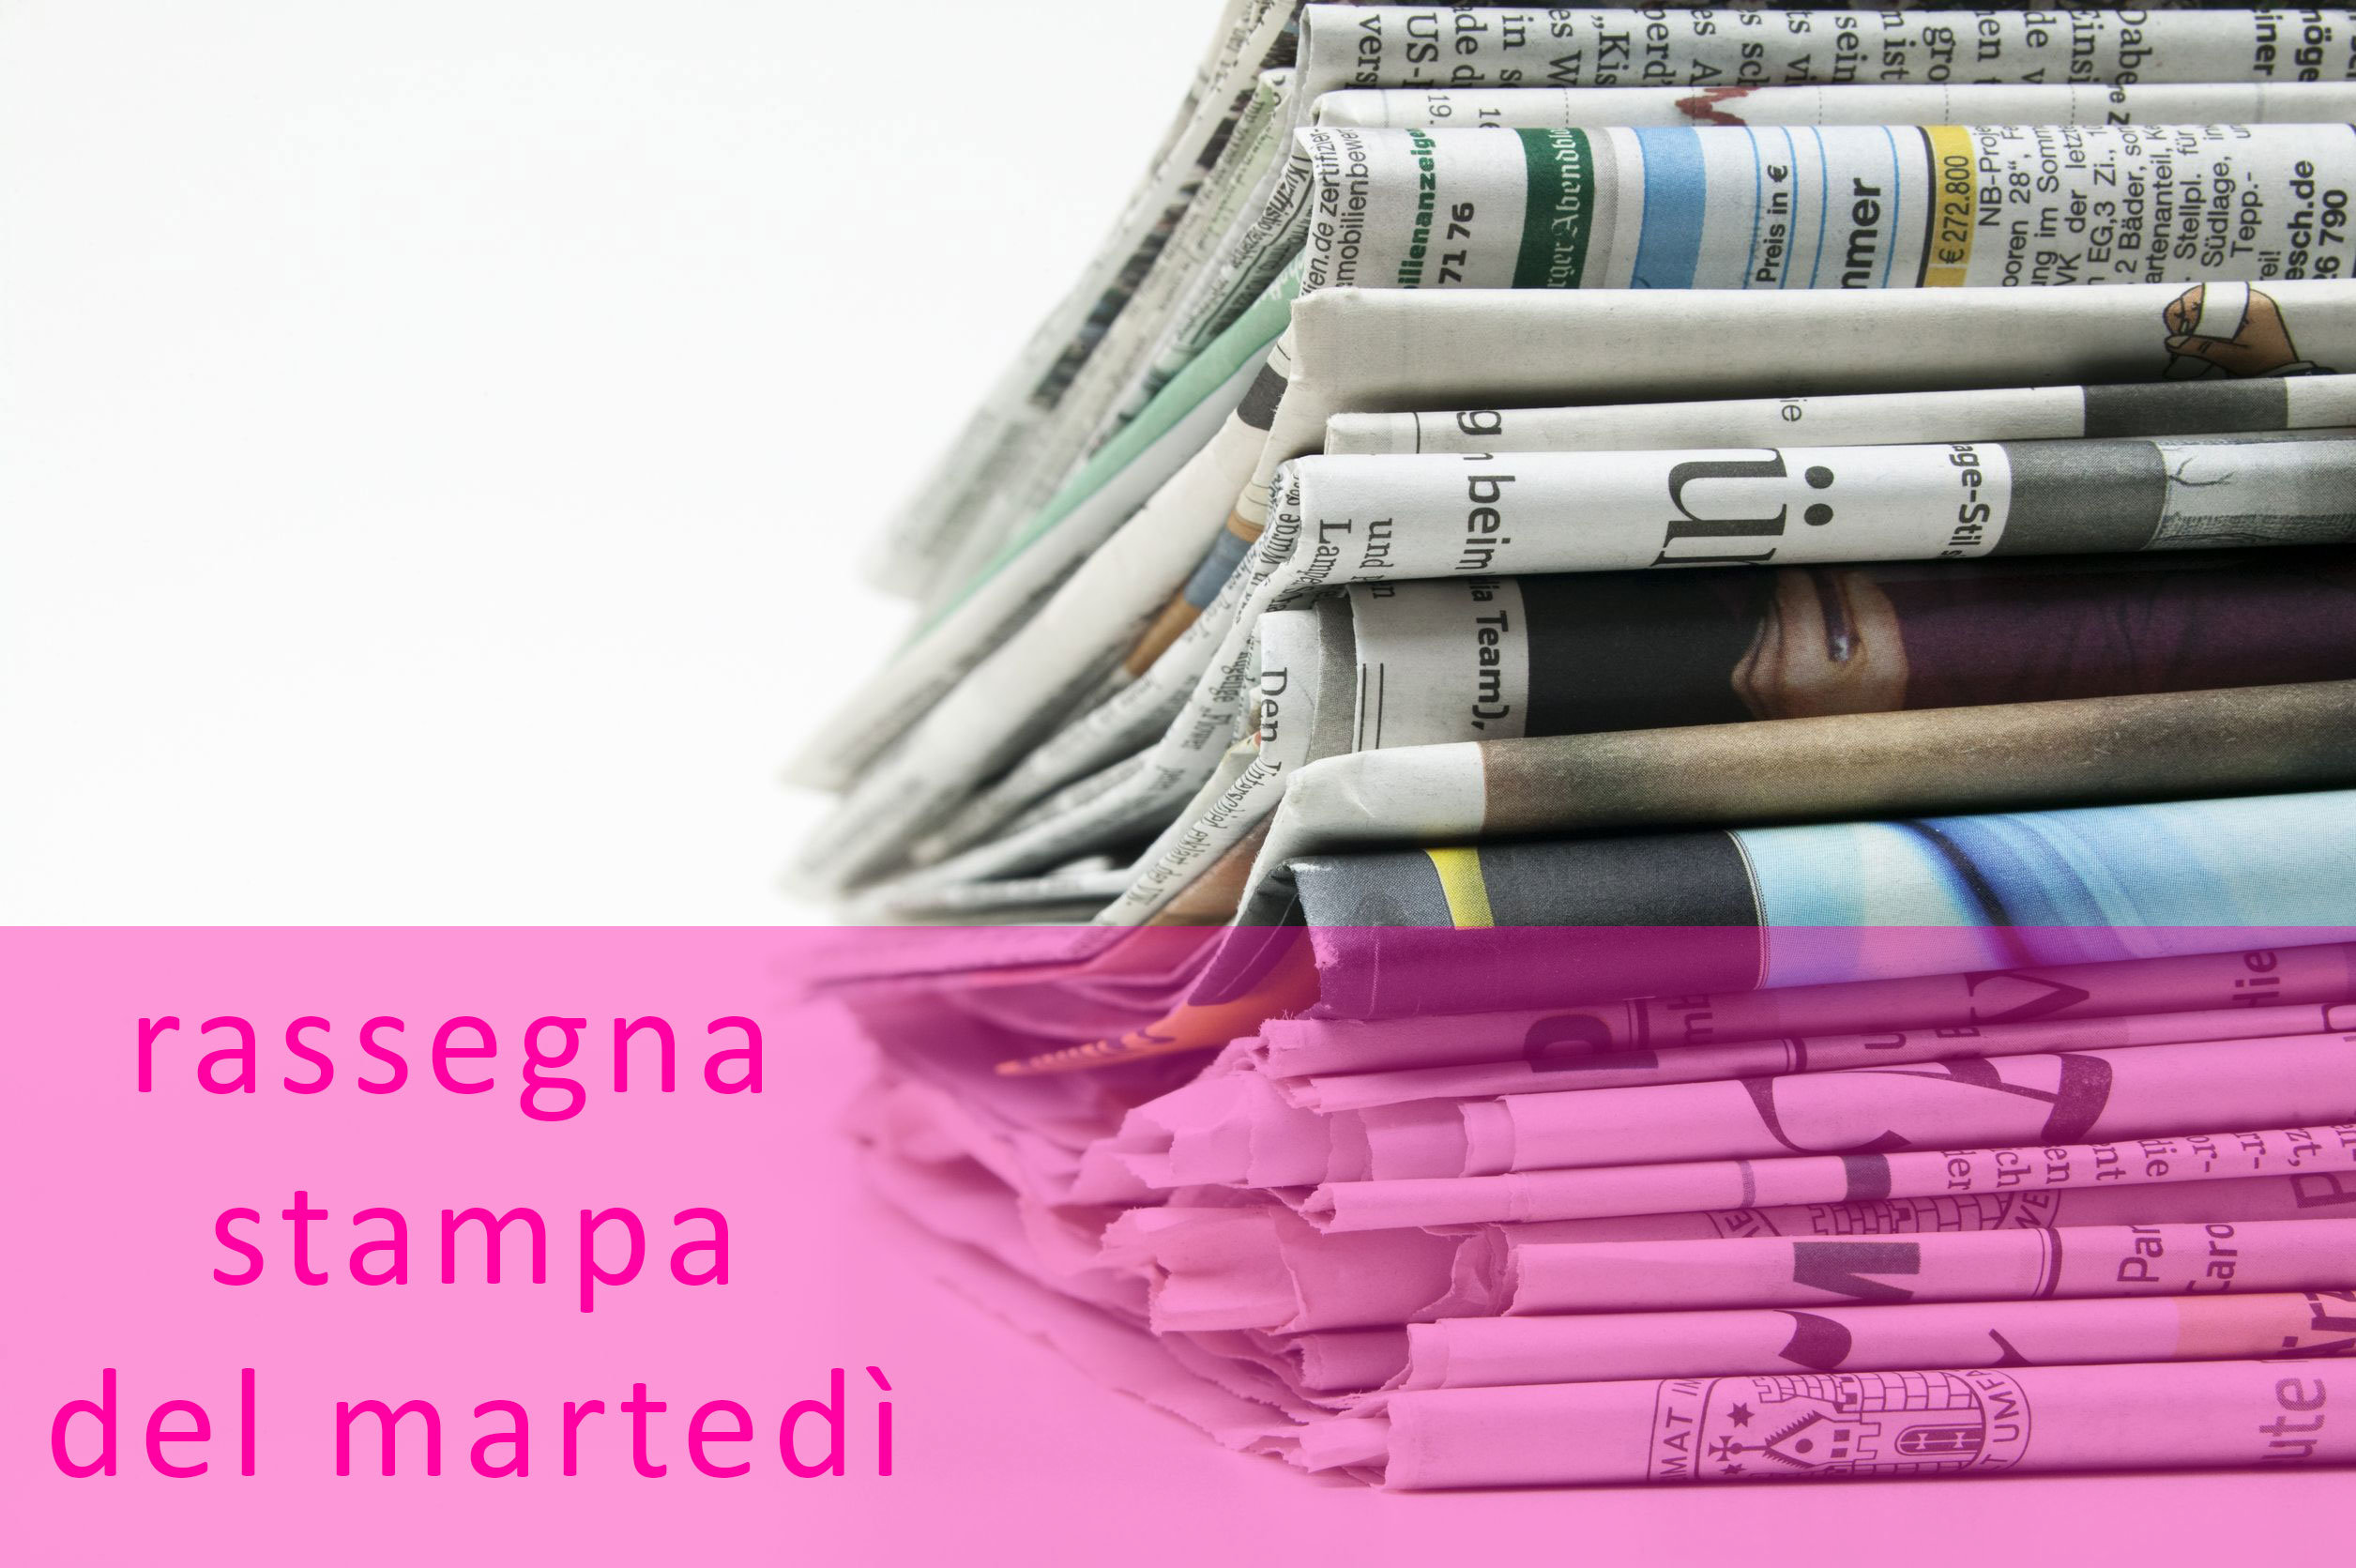 Rassegna stampa del 9 febbraio